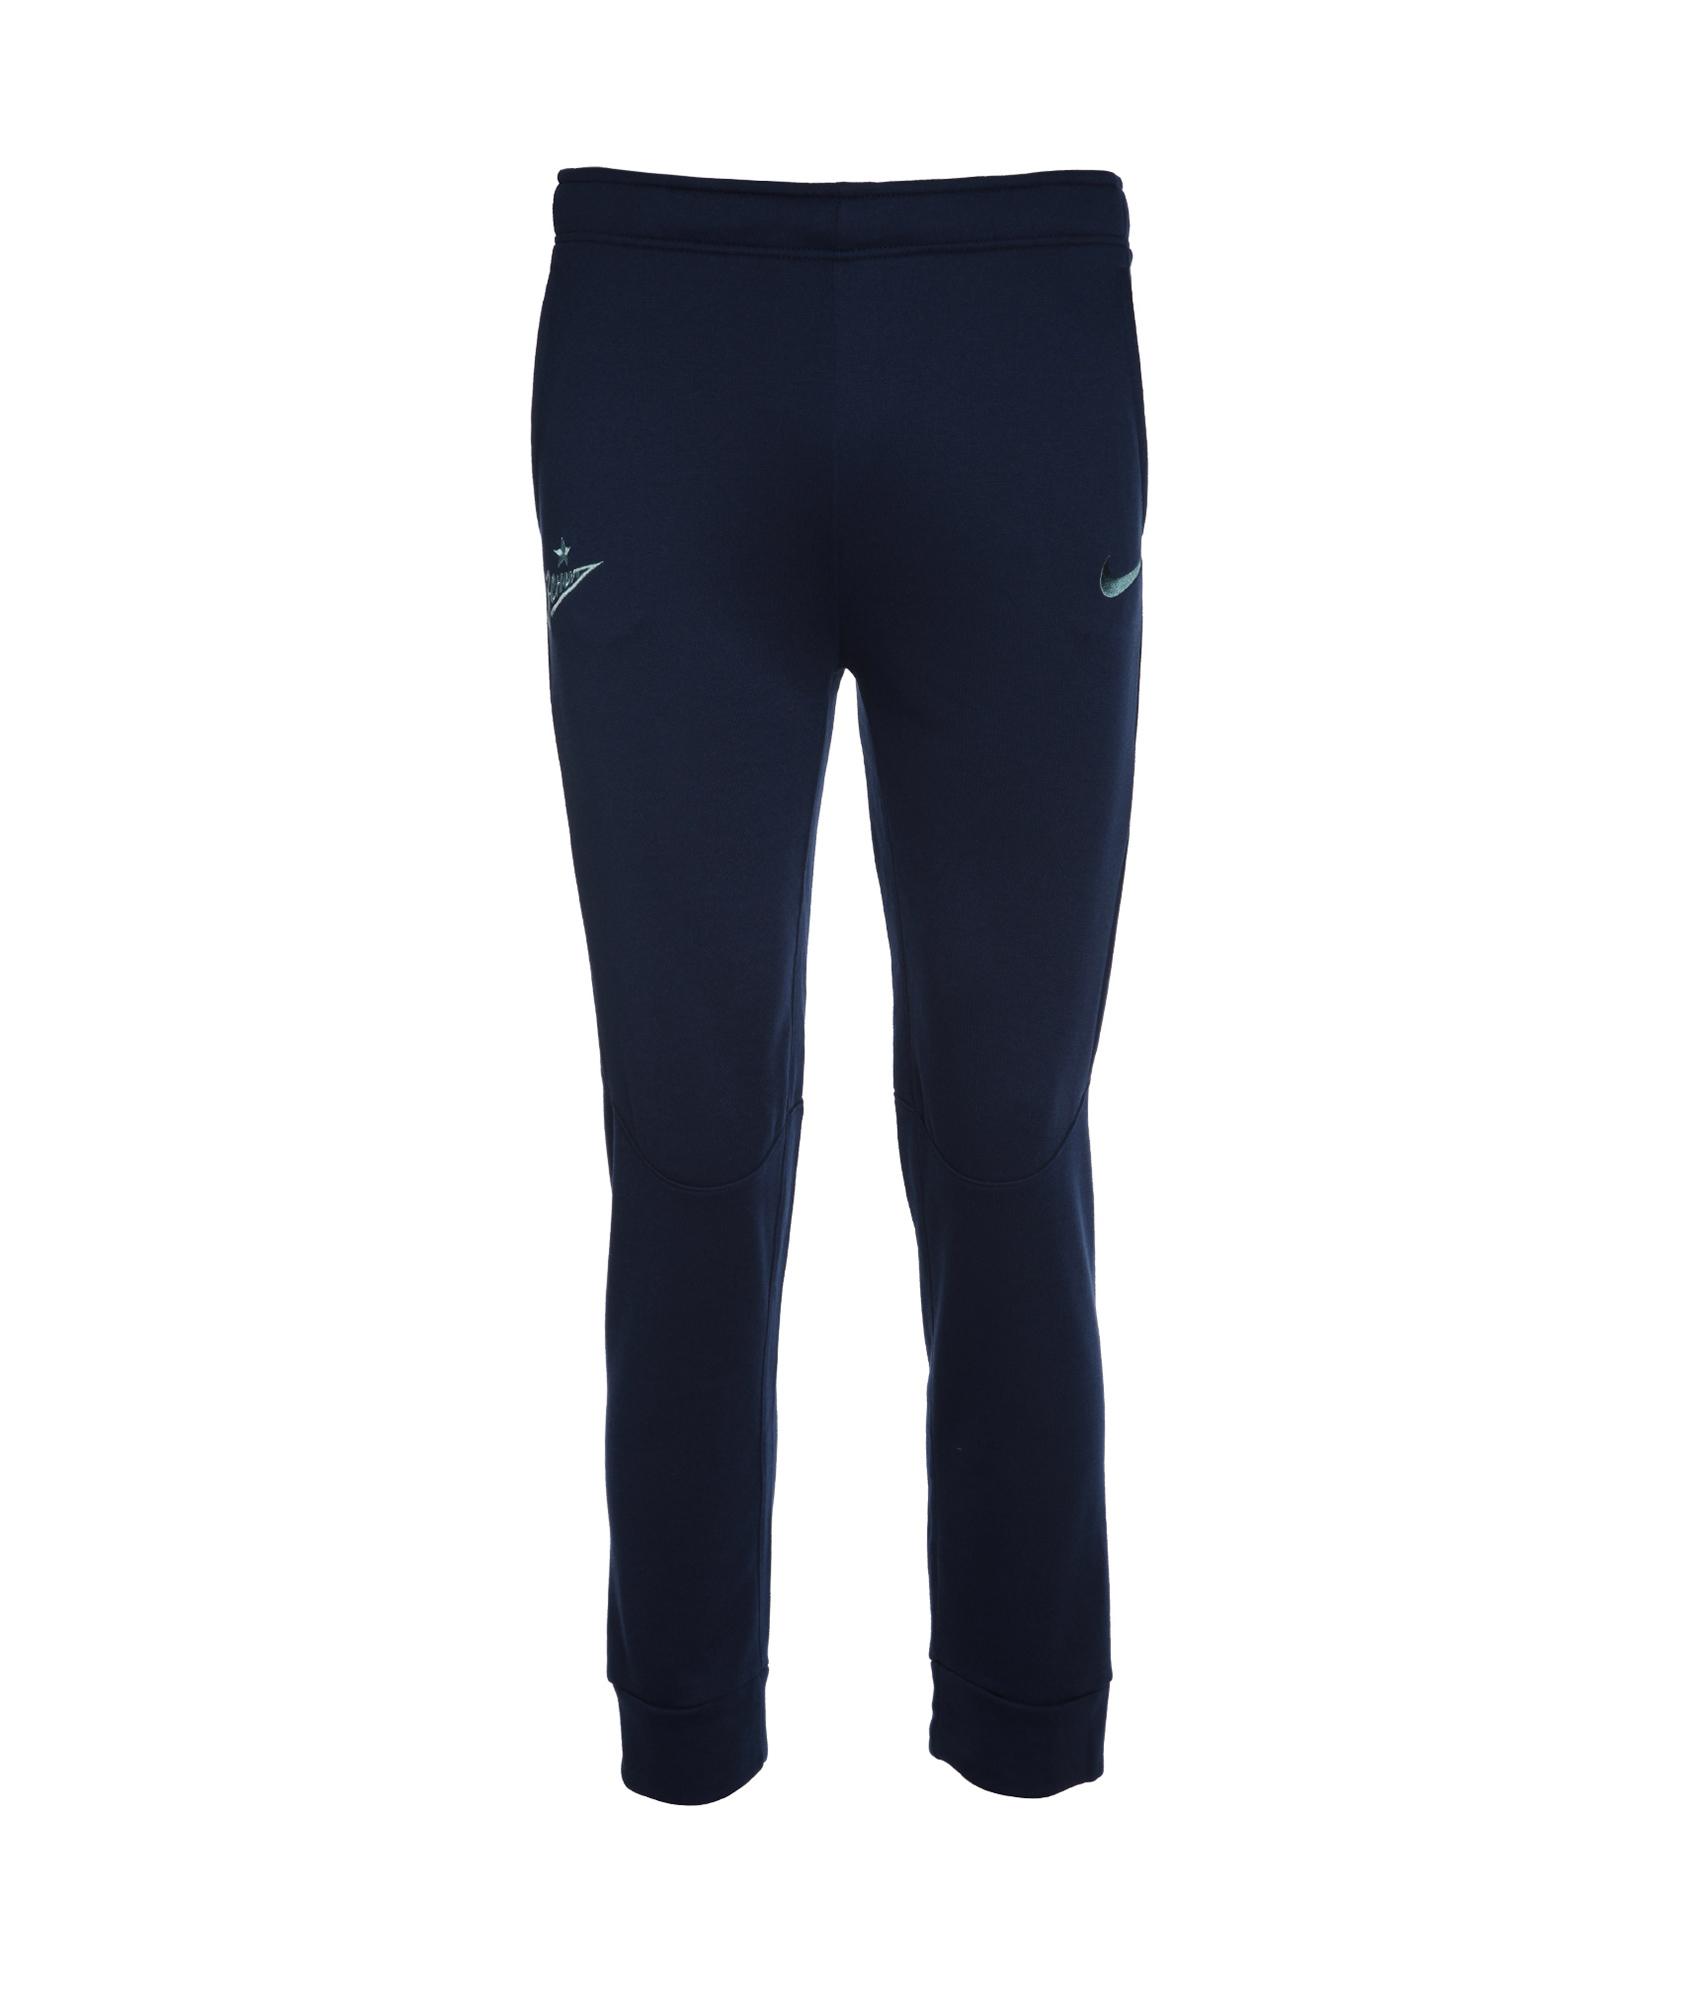 купить Брюки подростковые Nike Zenit, Цвет-Темно-Синий, Размер-XL недорого